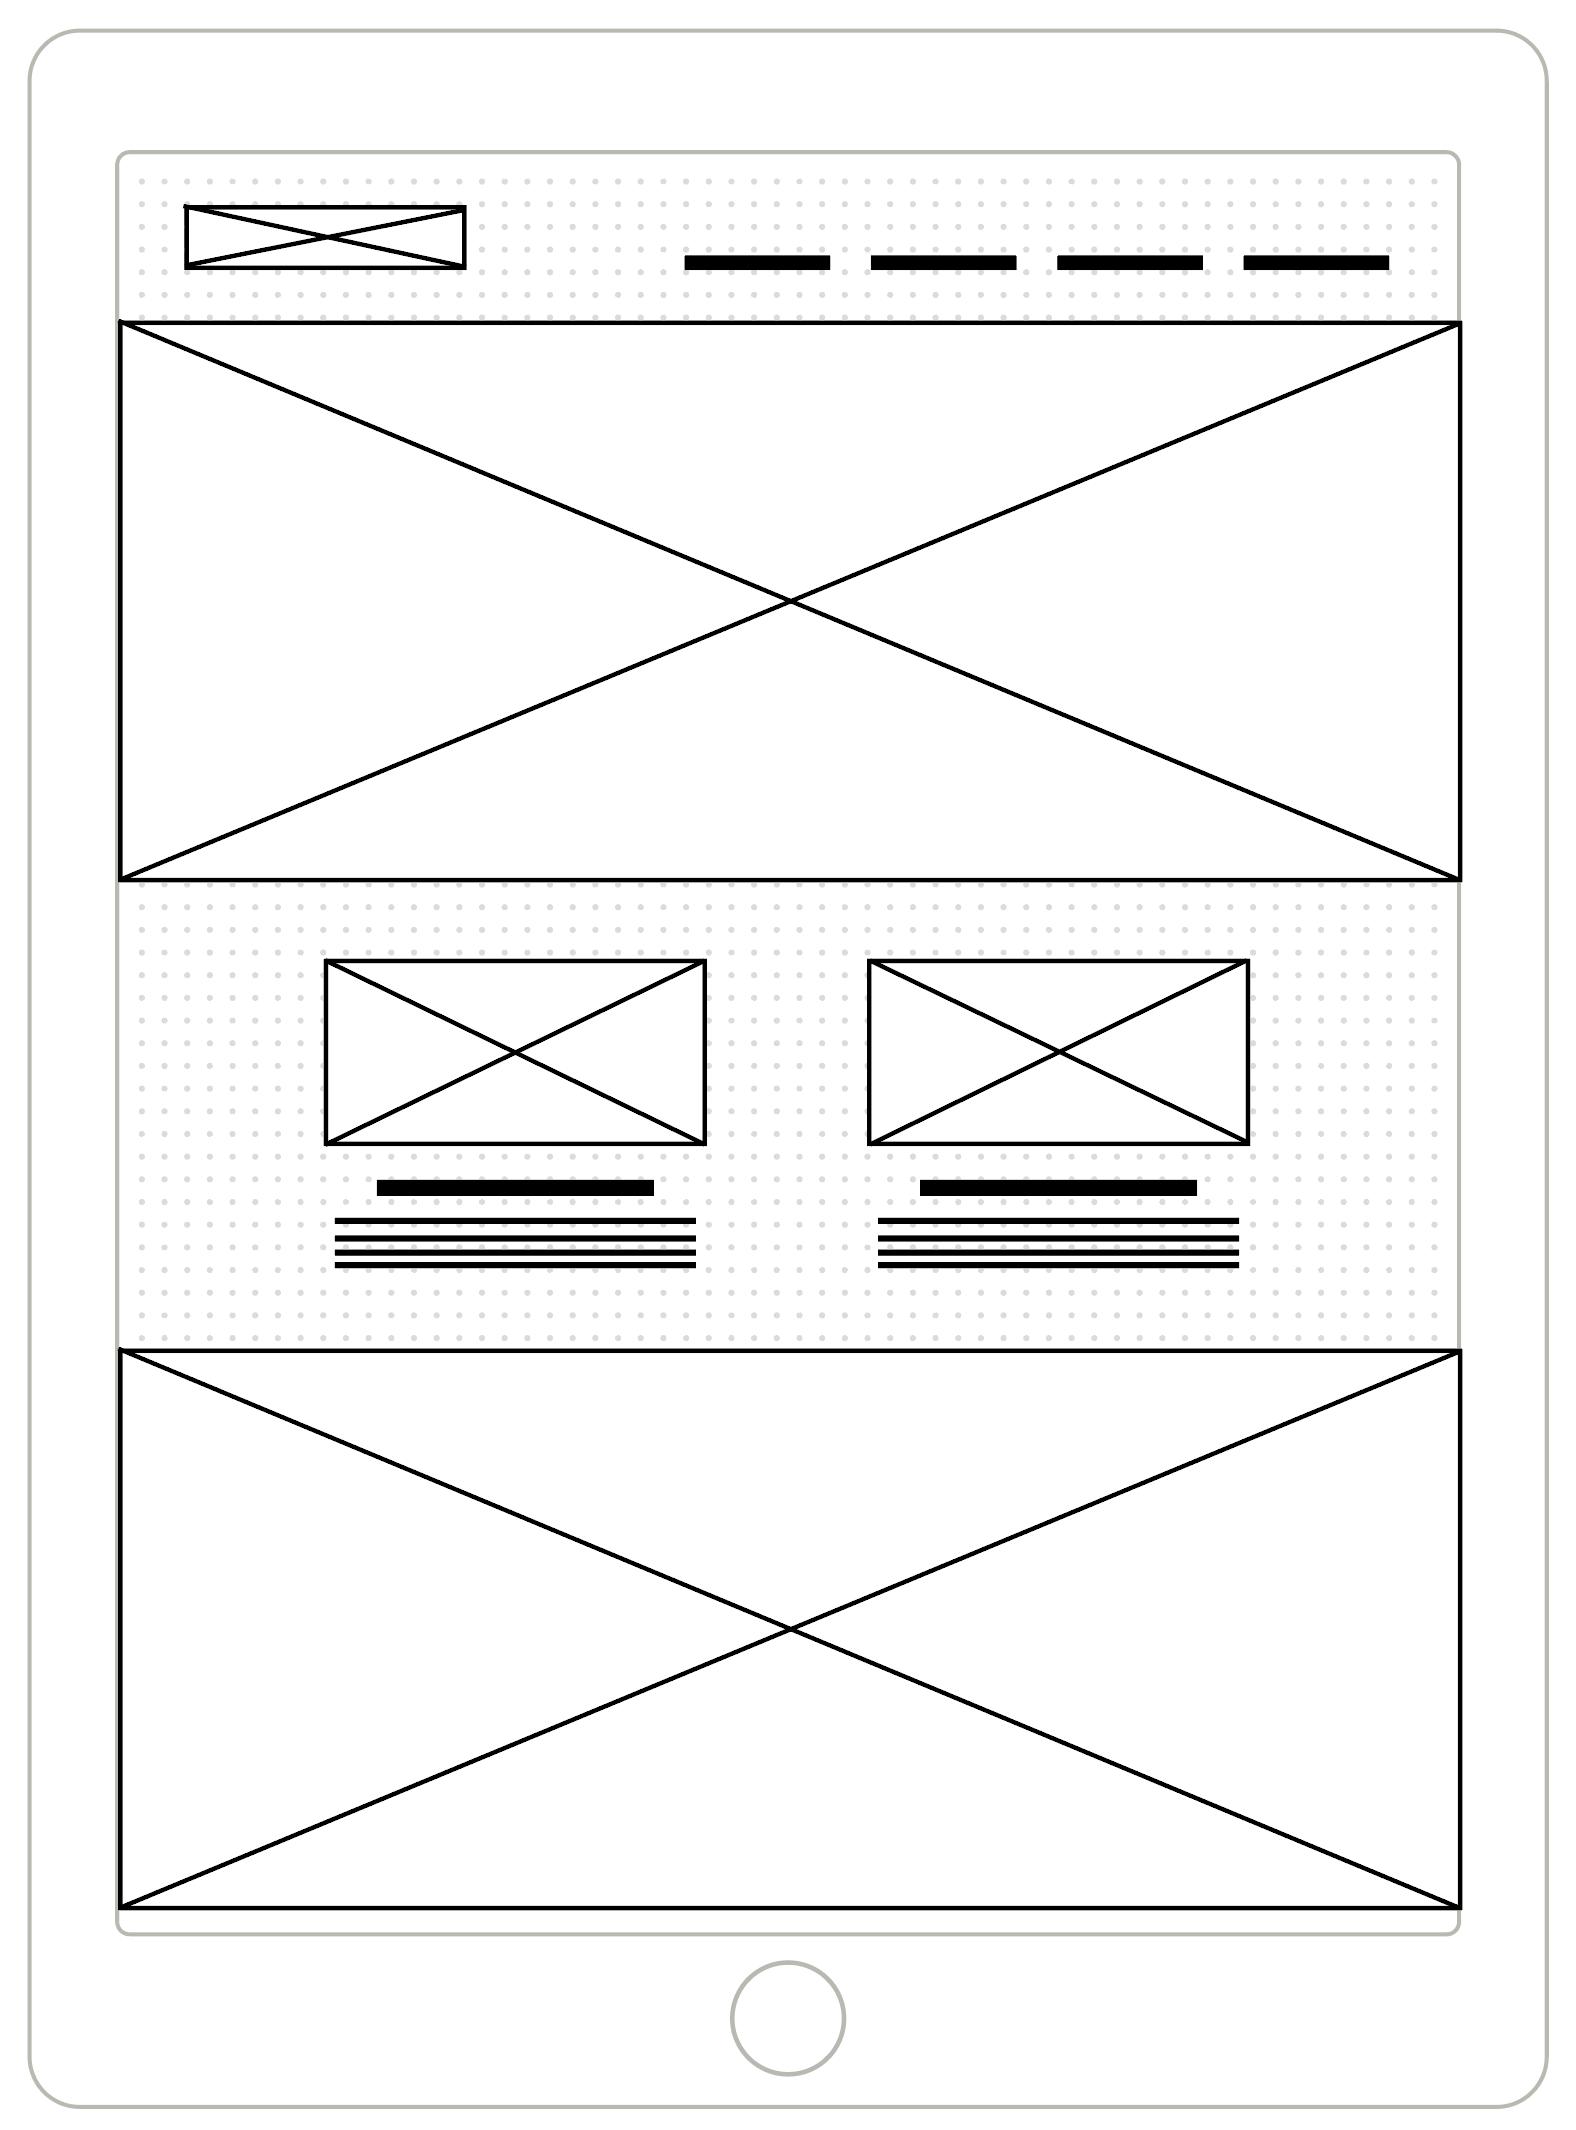 UX Designer: Wireframe